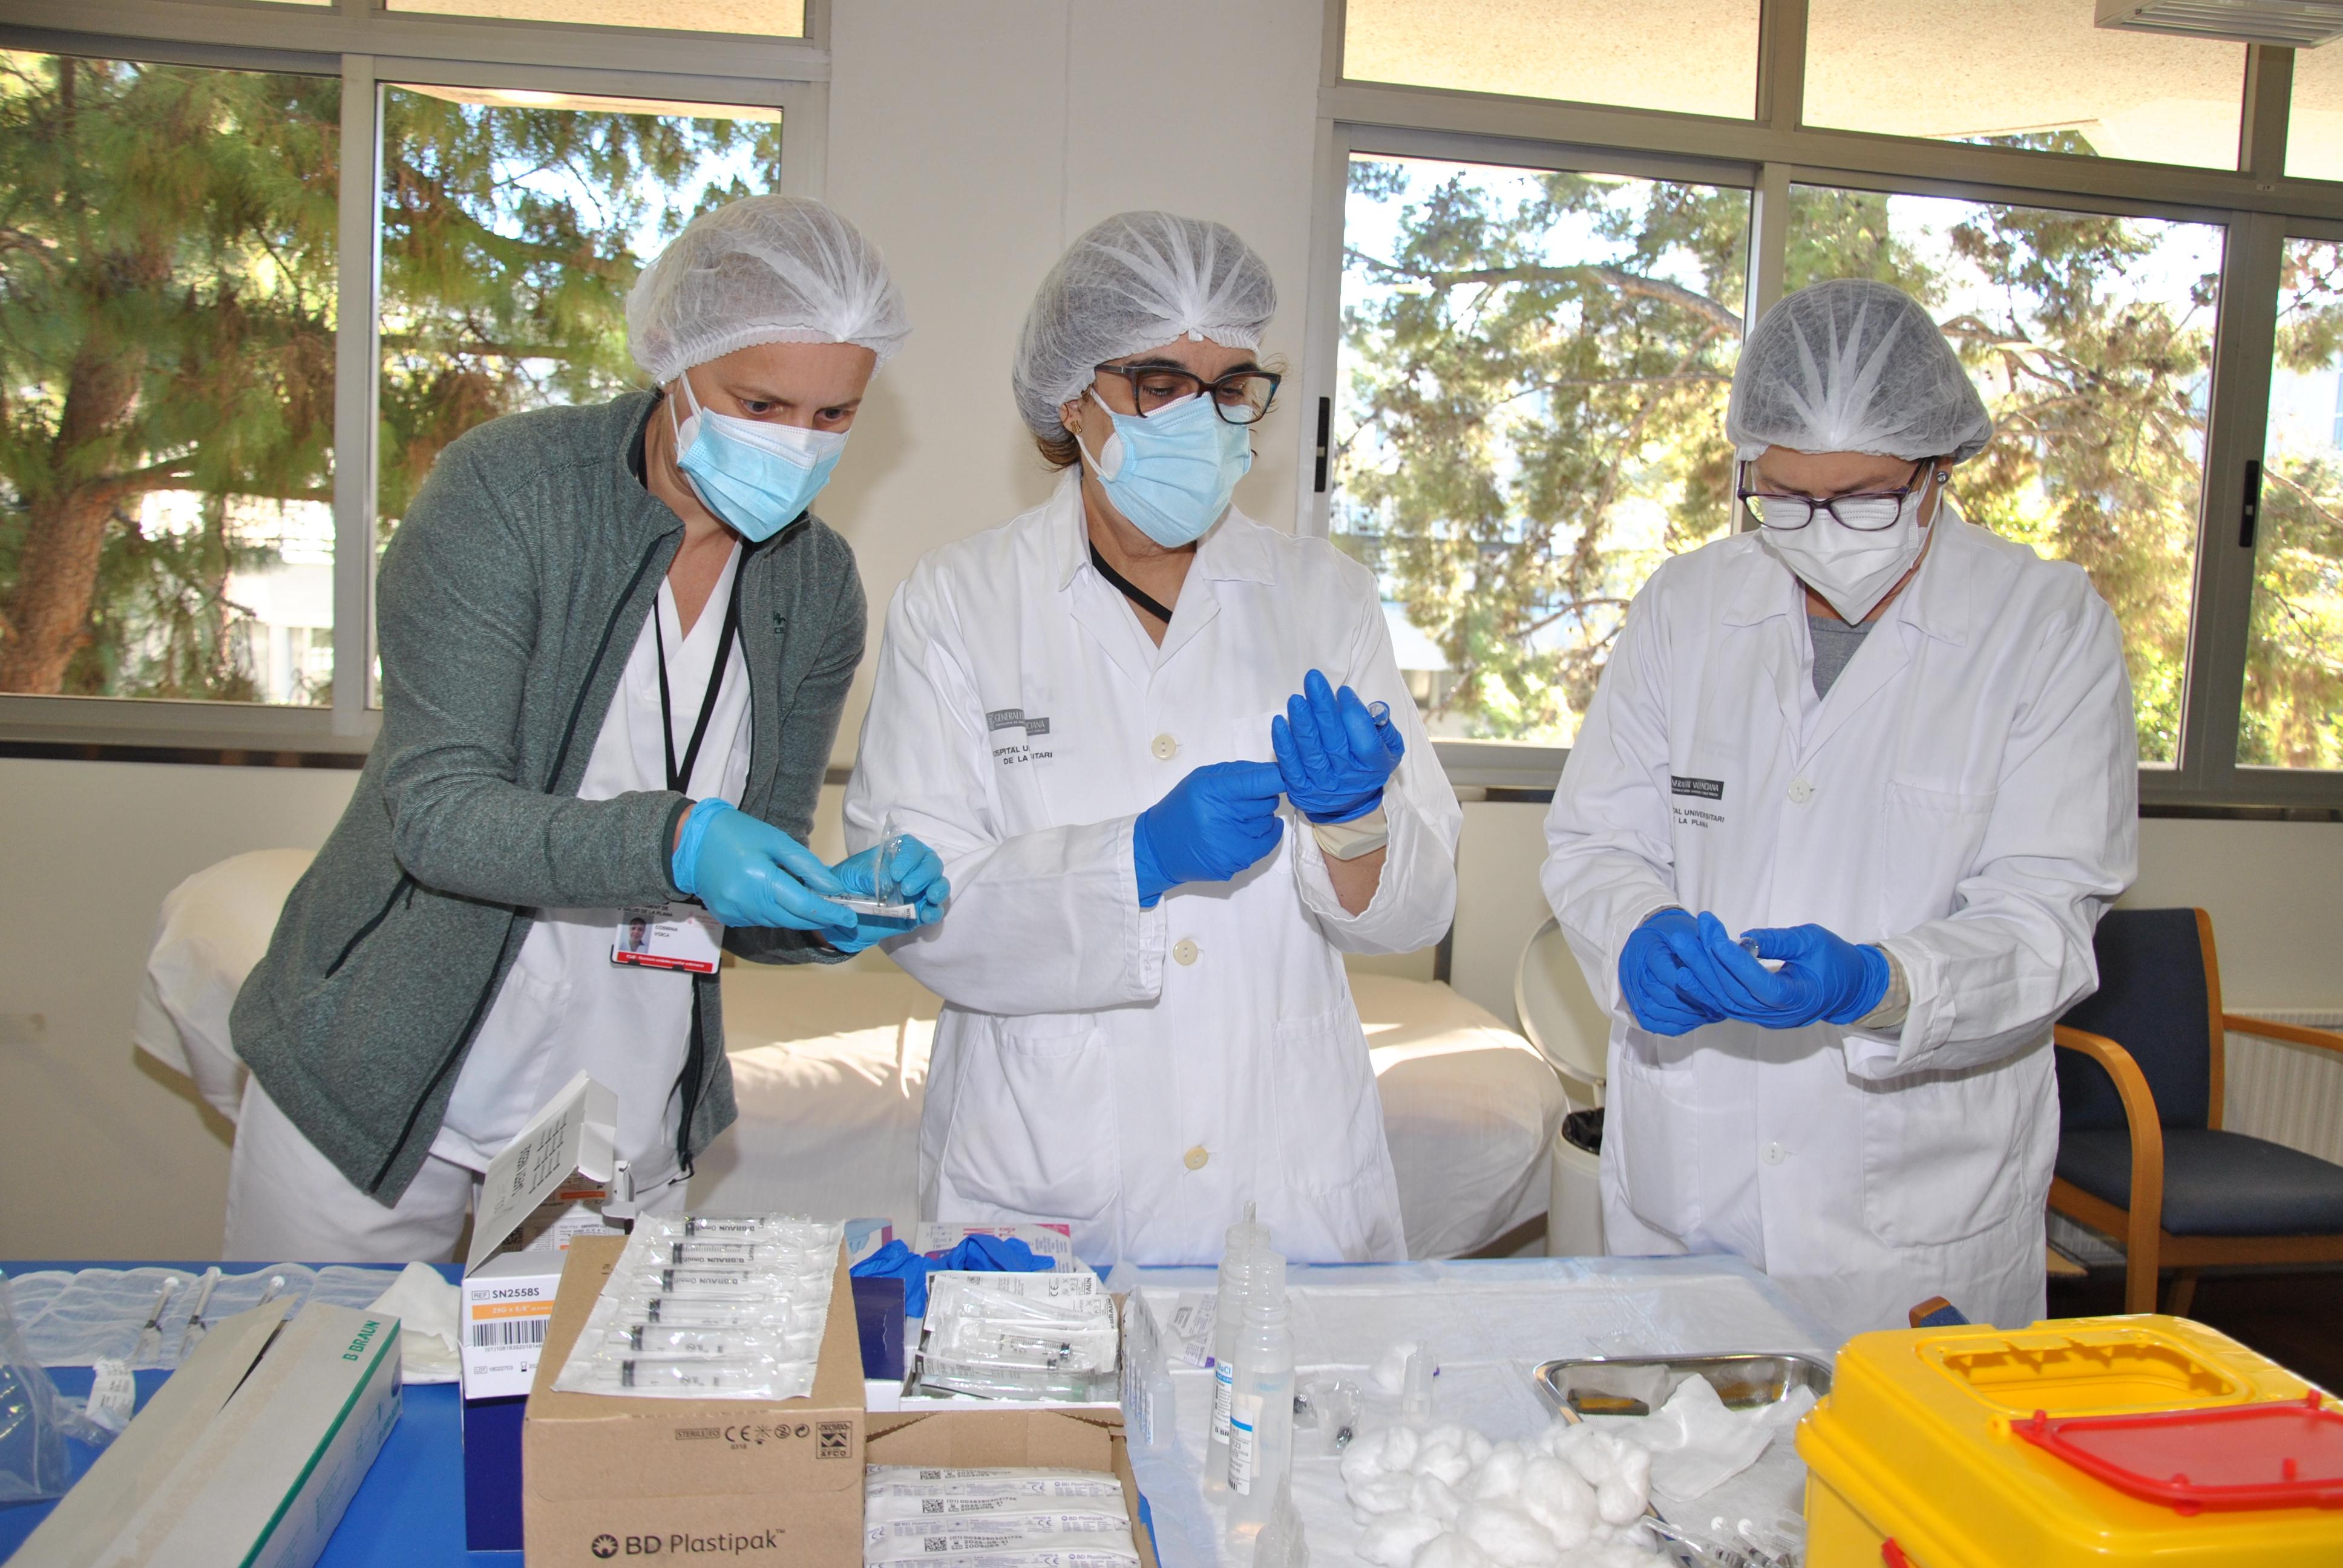 Sanitat rebrà al març més de 270.000 dosis de la vacuna de Pfizer contra el coronavirus